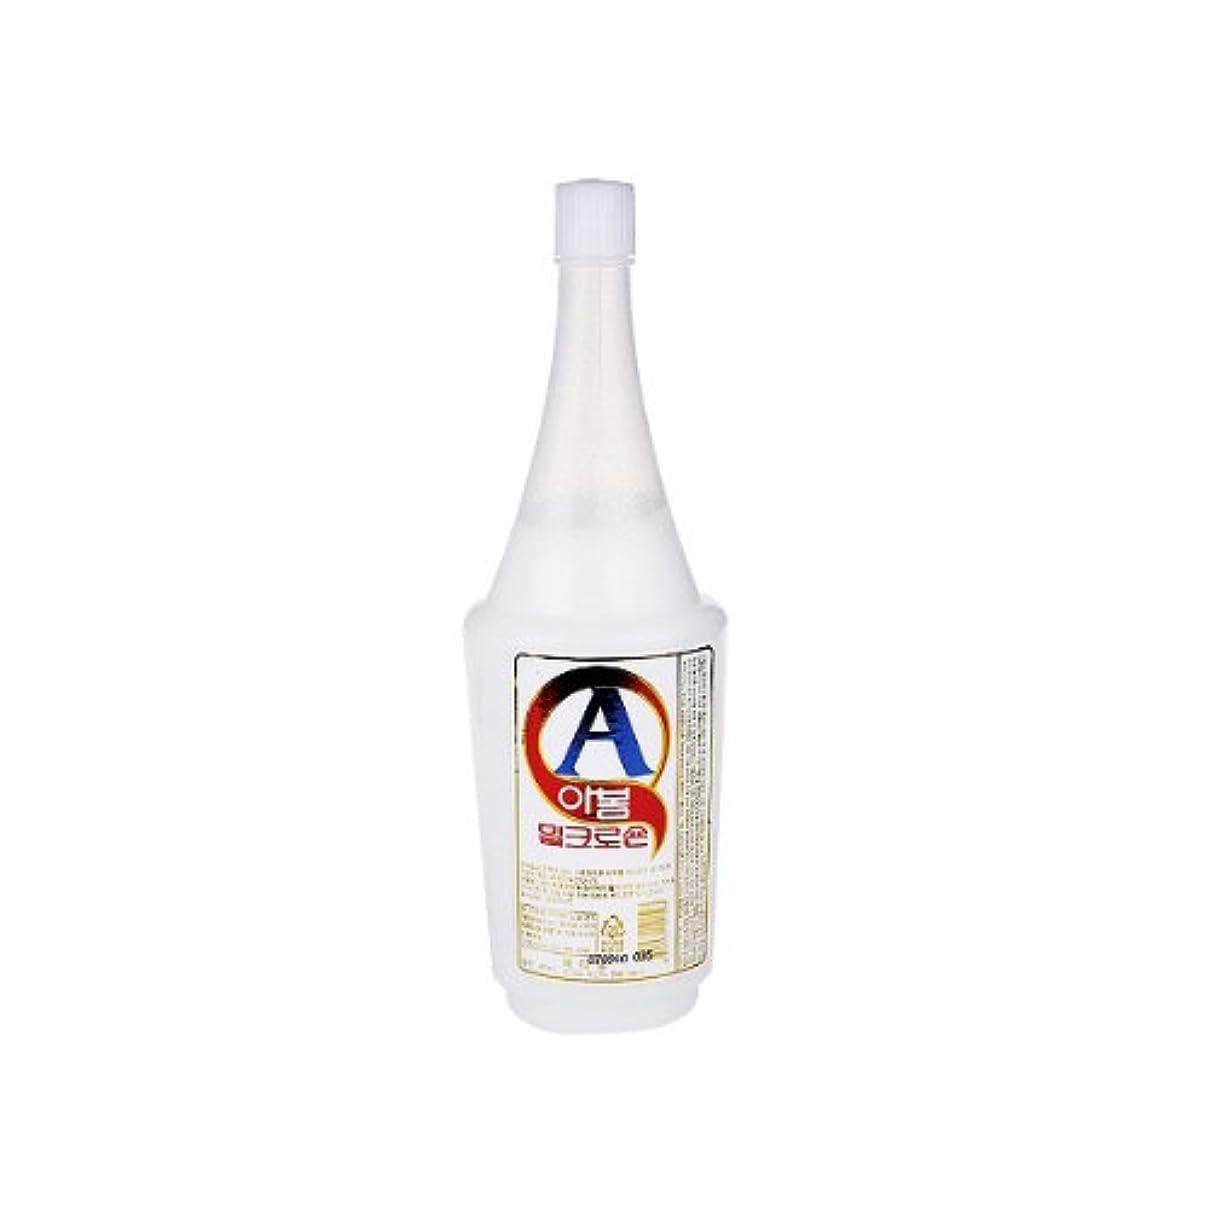 暴露する実行する決定アボム ミルクローション 450ml マッサージ用 乳液 業務用